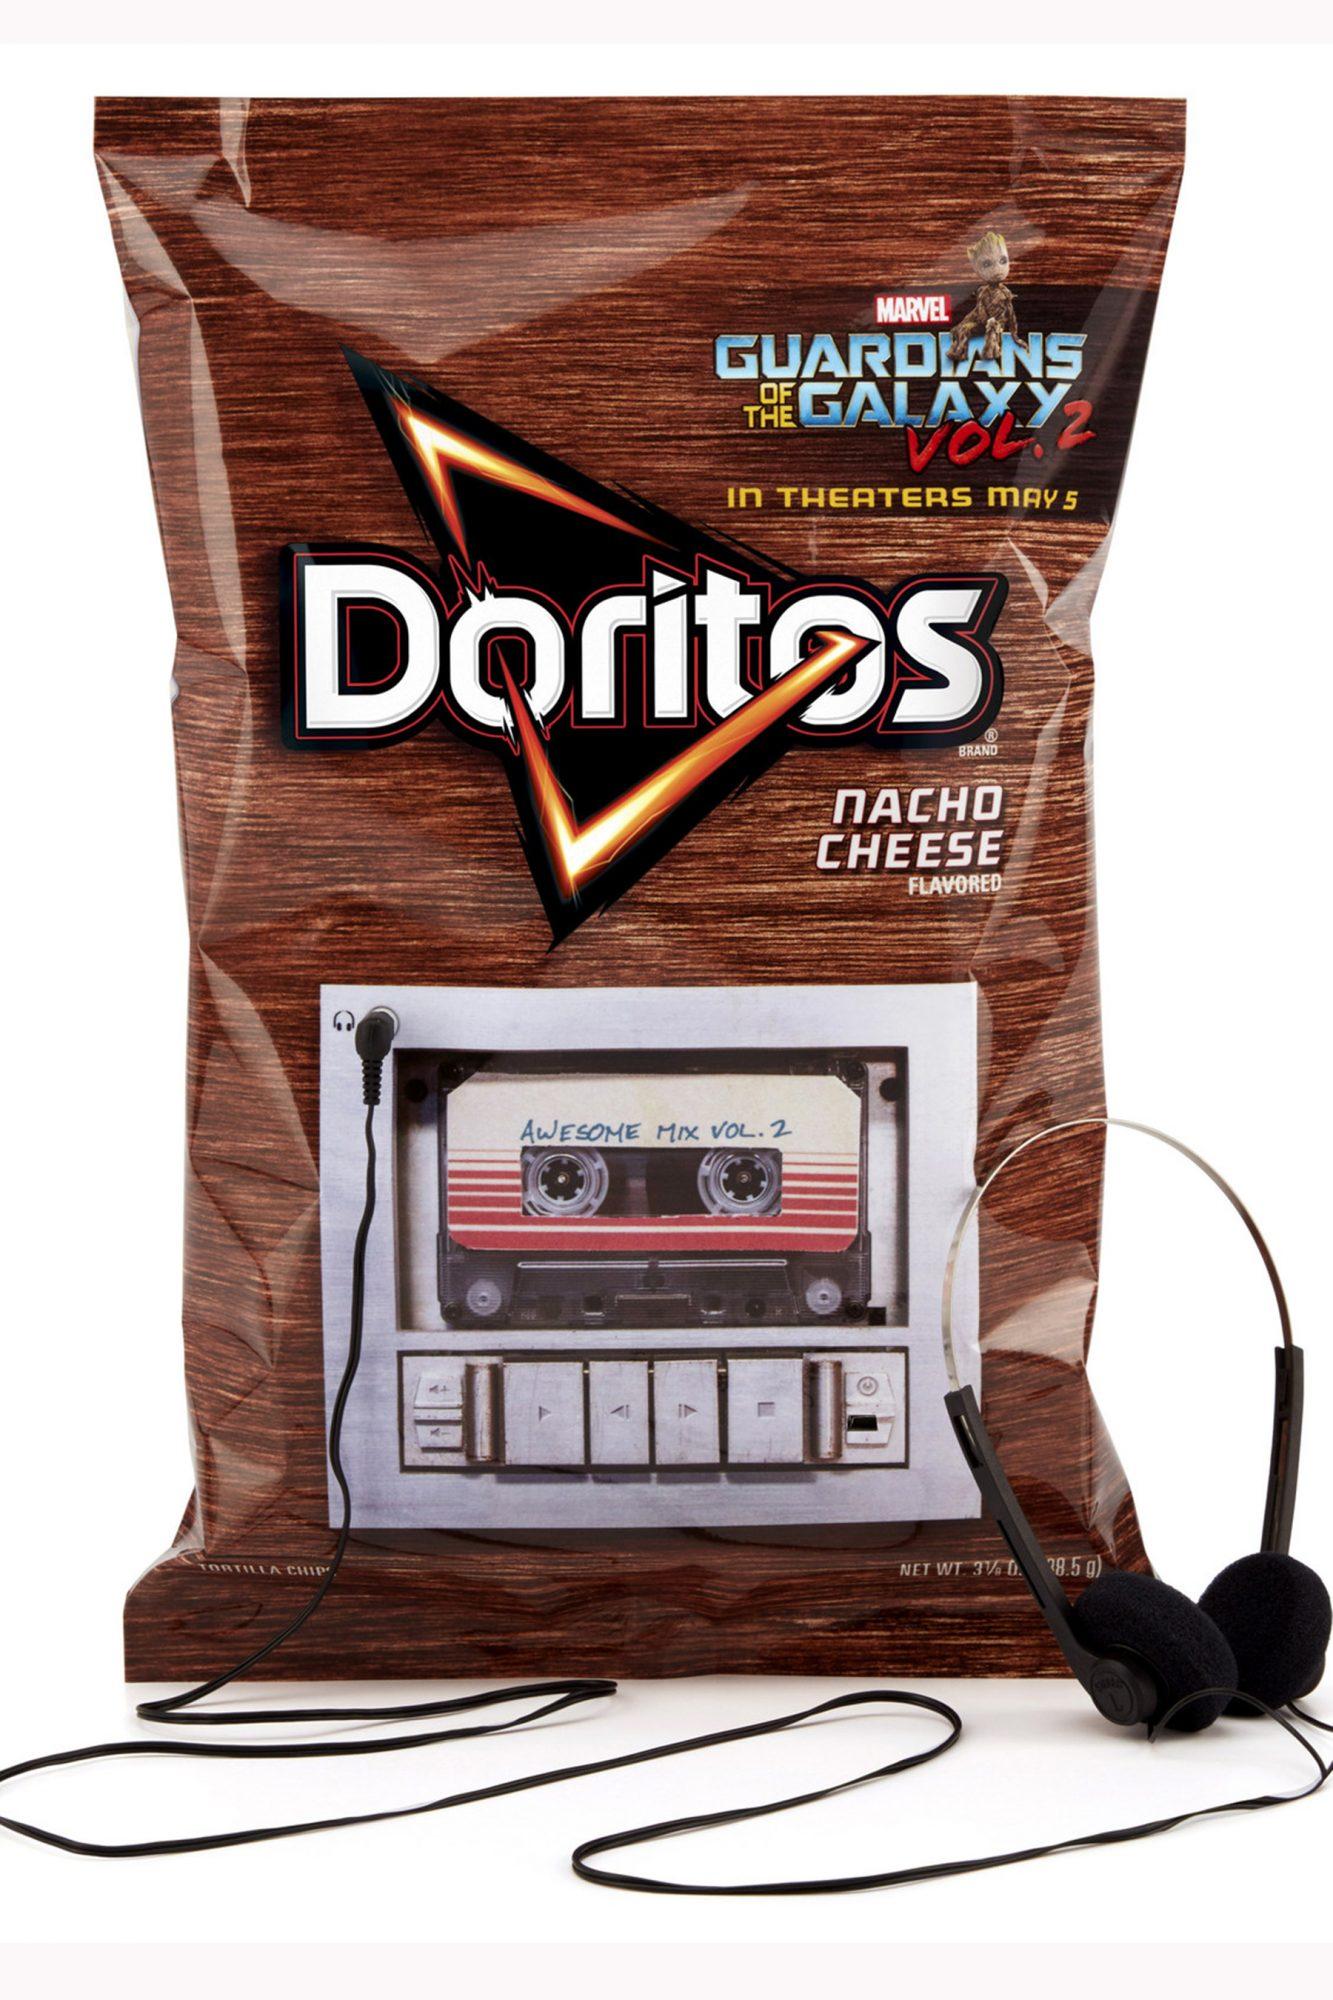 Frito-Lay- Doritos Guardians of the Galaxy bag